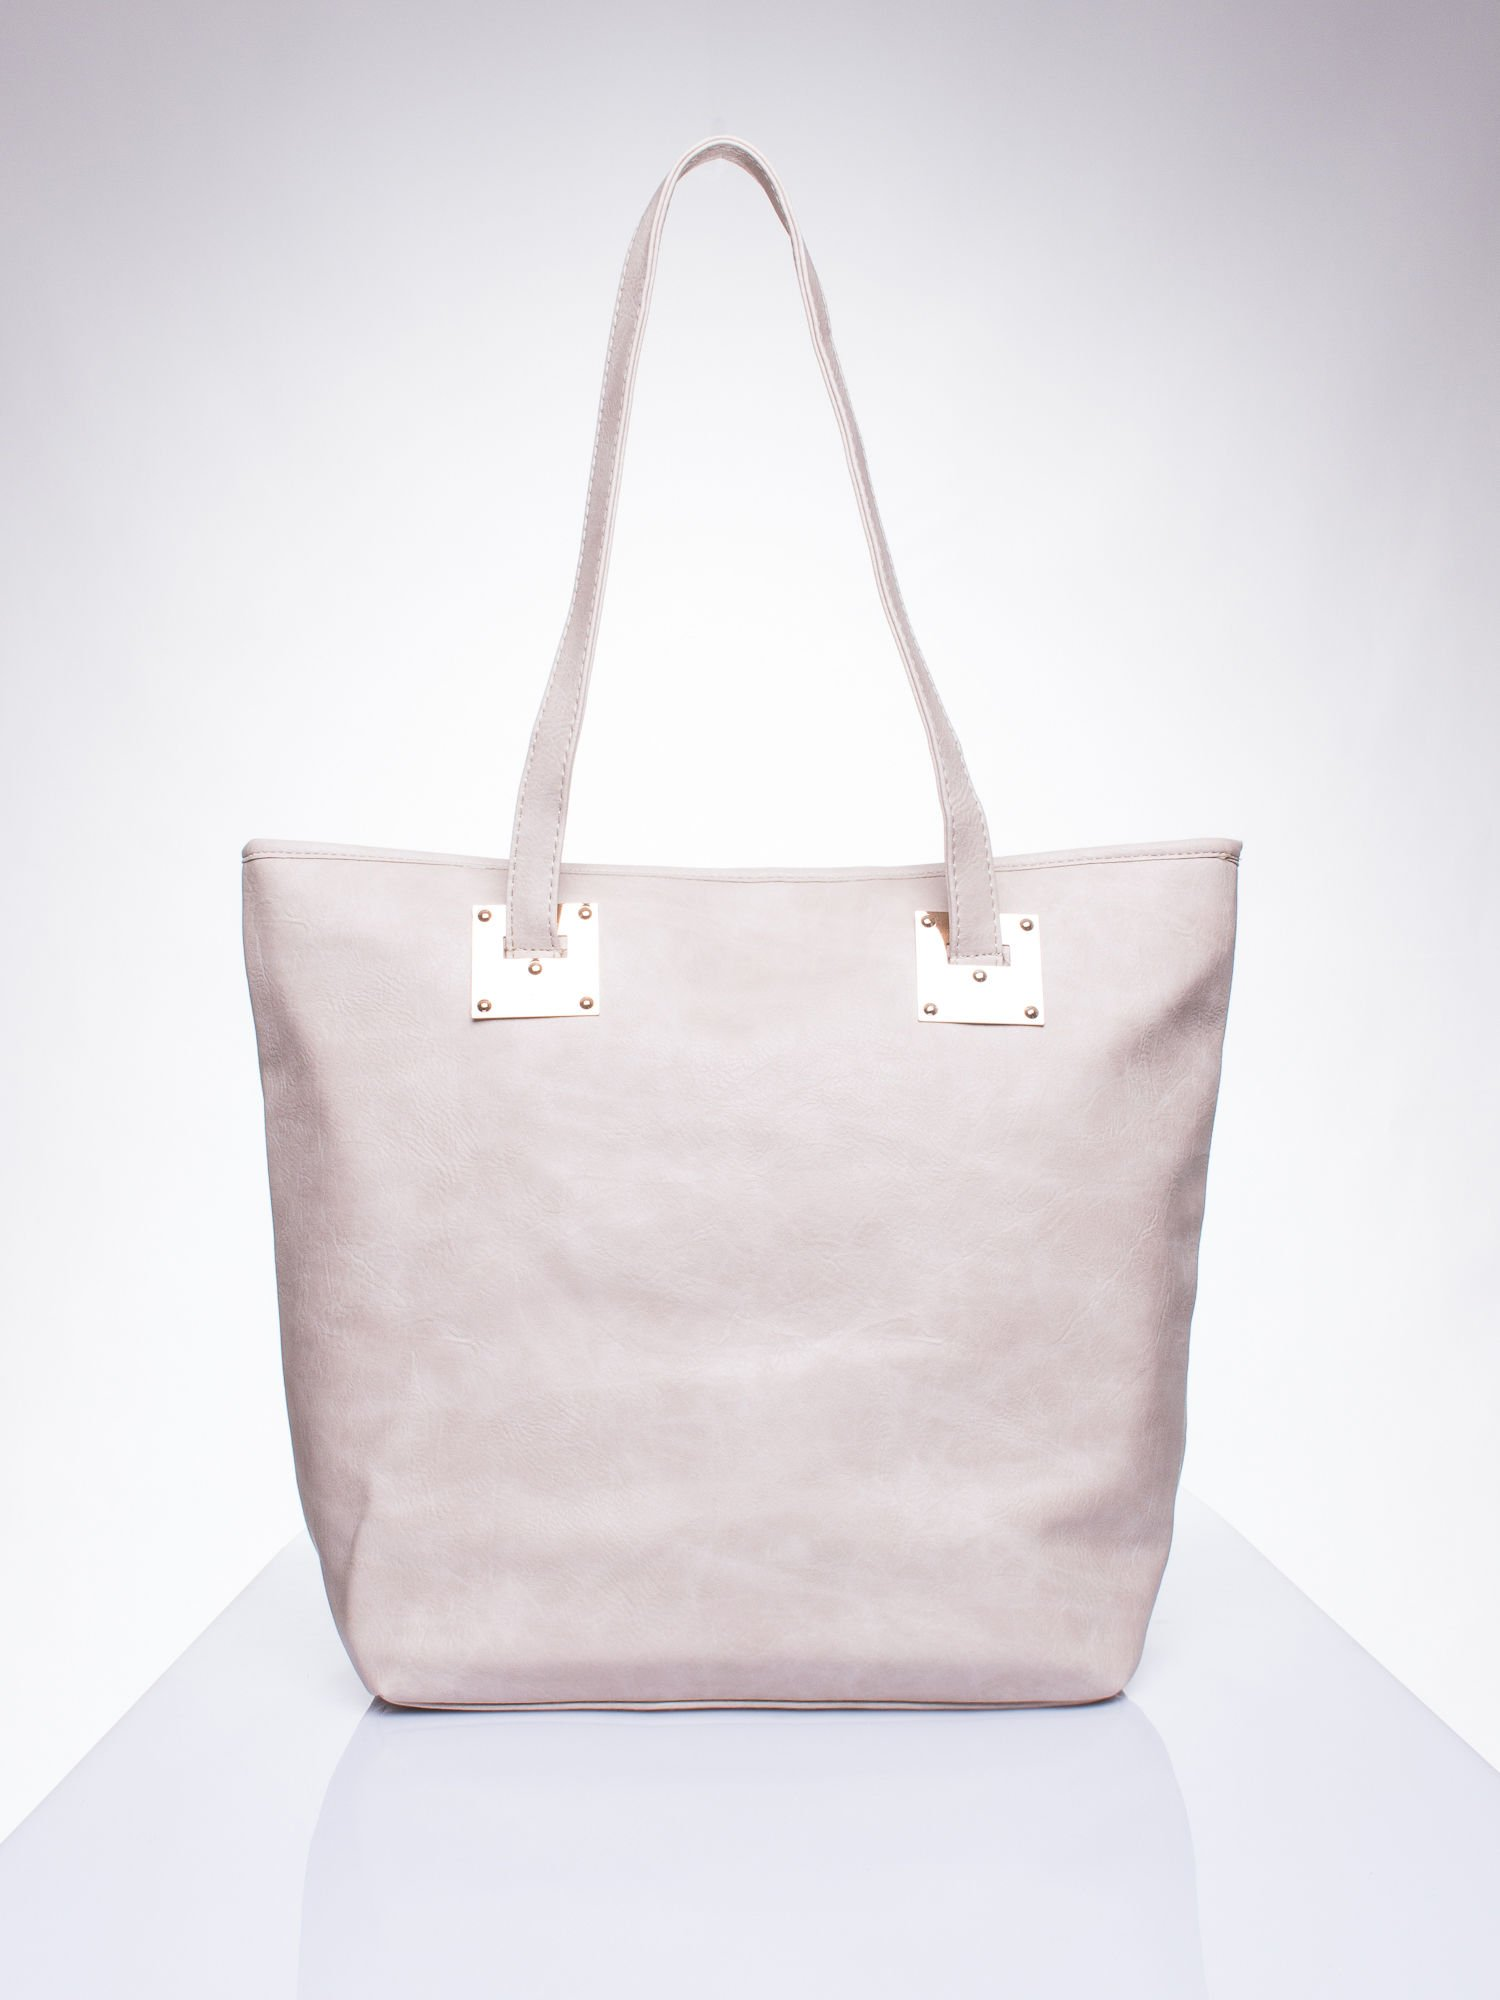 85e58599ba6b5 Beżowa prosta torba shopper bag ze złotymi okuciami - Akcesoria ...